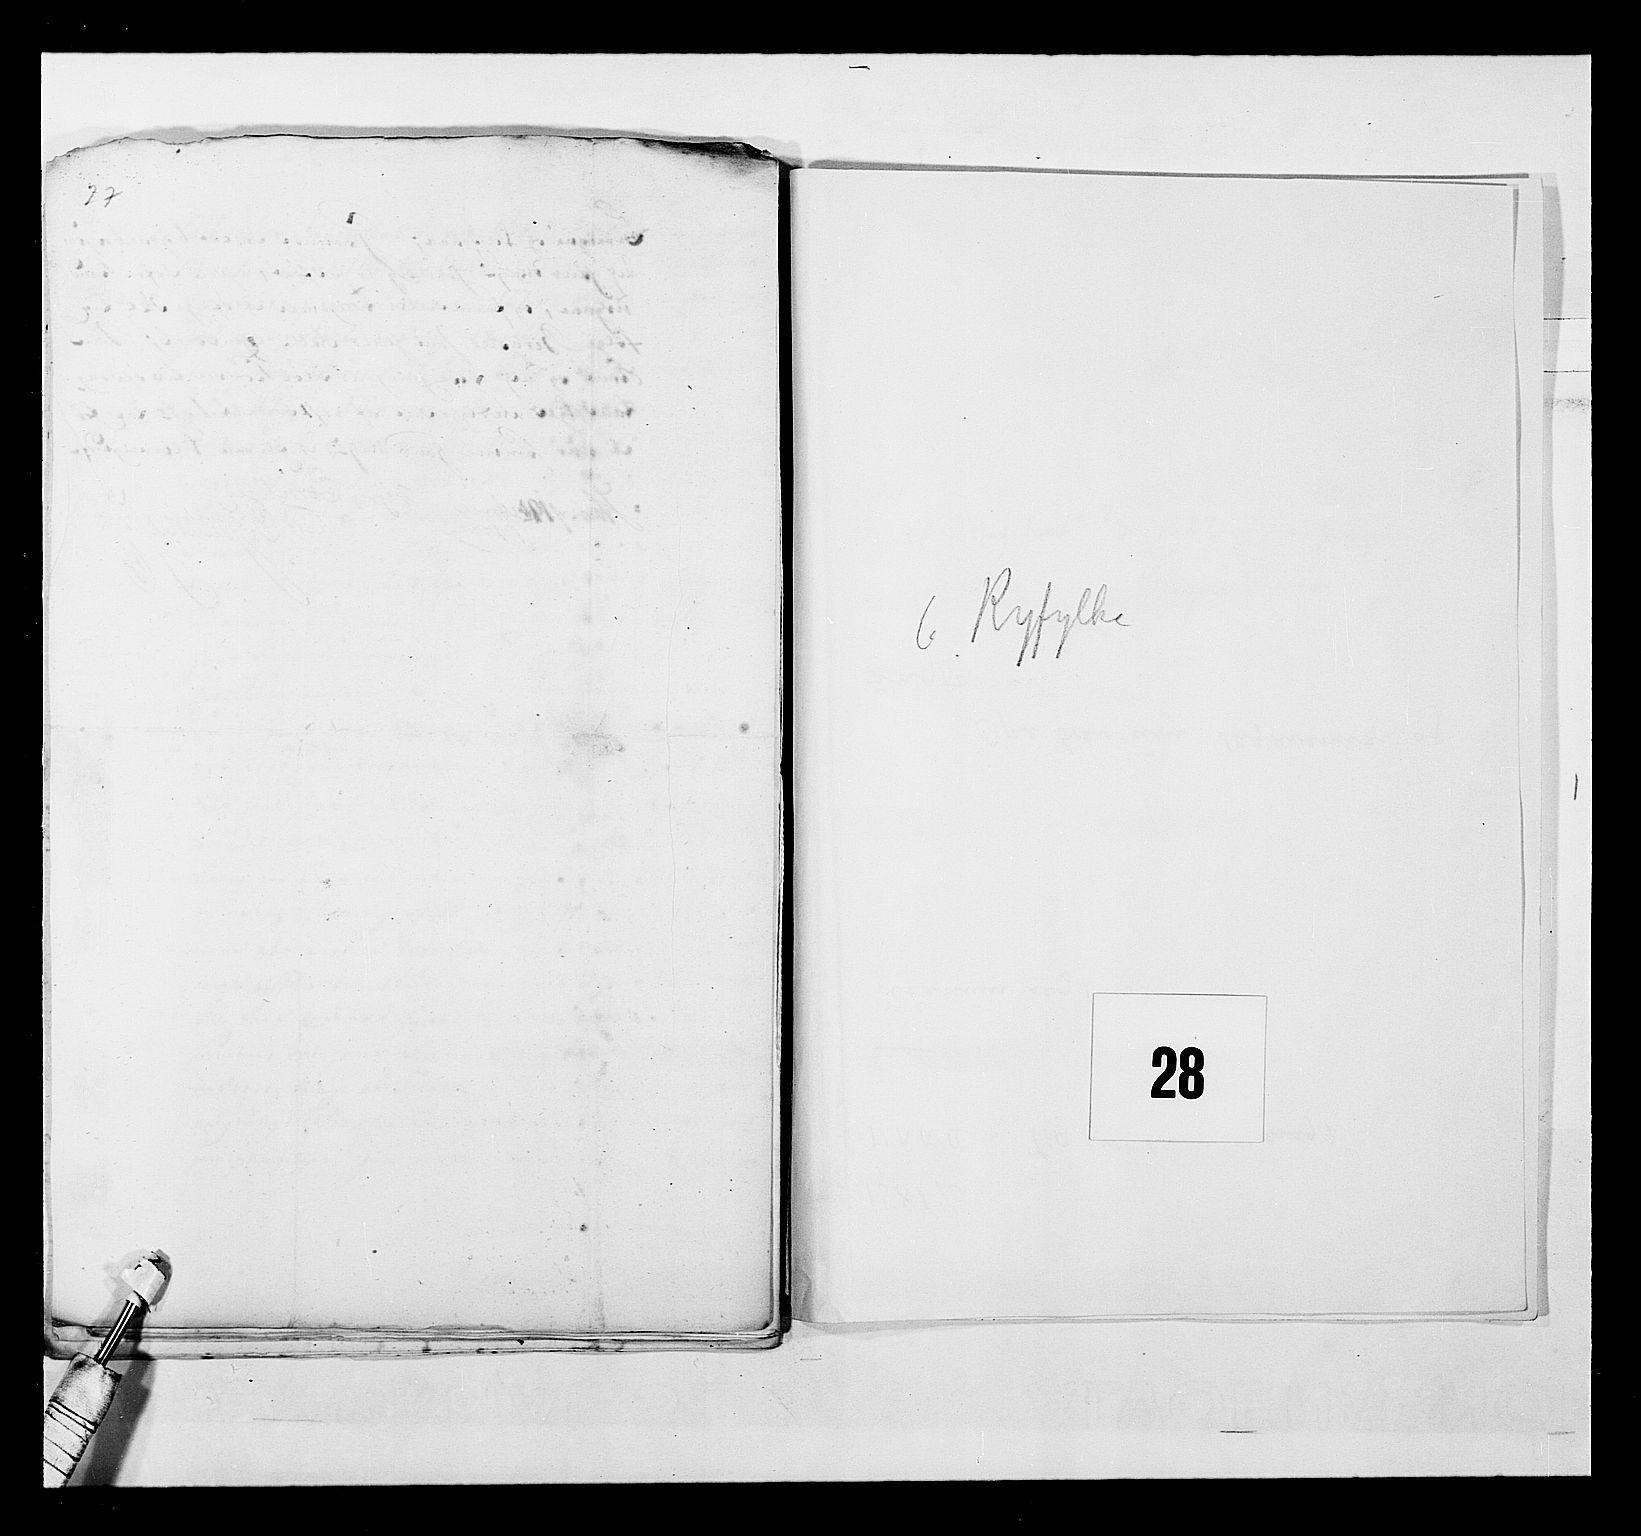 RA, Stattholderembetet 1572-1771, Ek/L0040: Jordebøker o.a. 1720-1728 vedkommende krongodset:, 1726-1727, s. 128